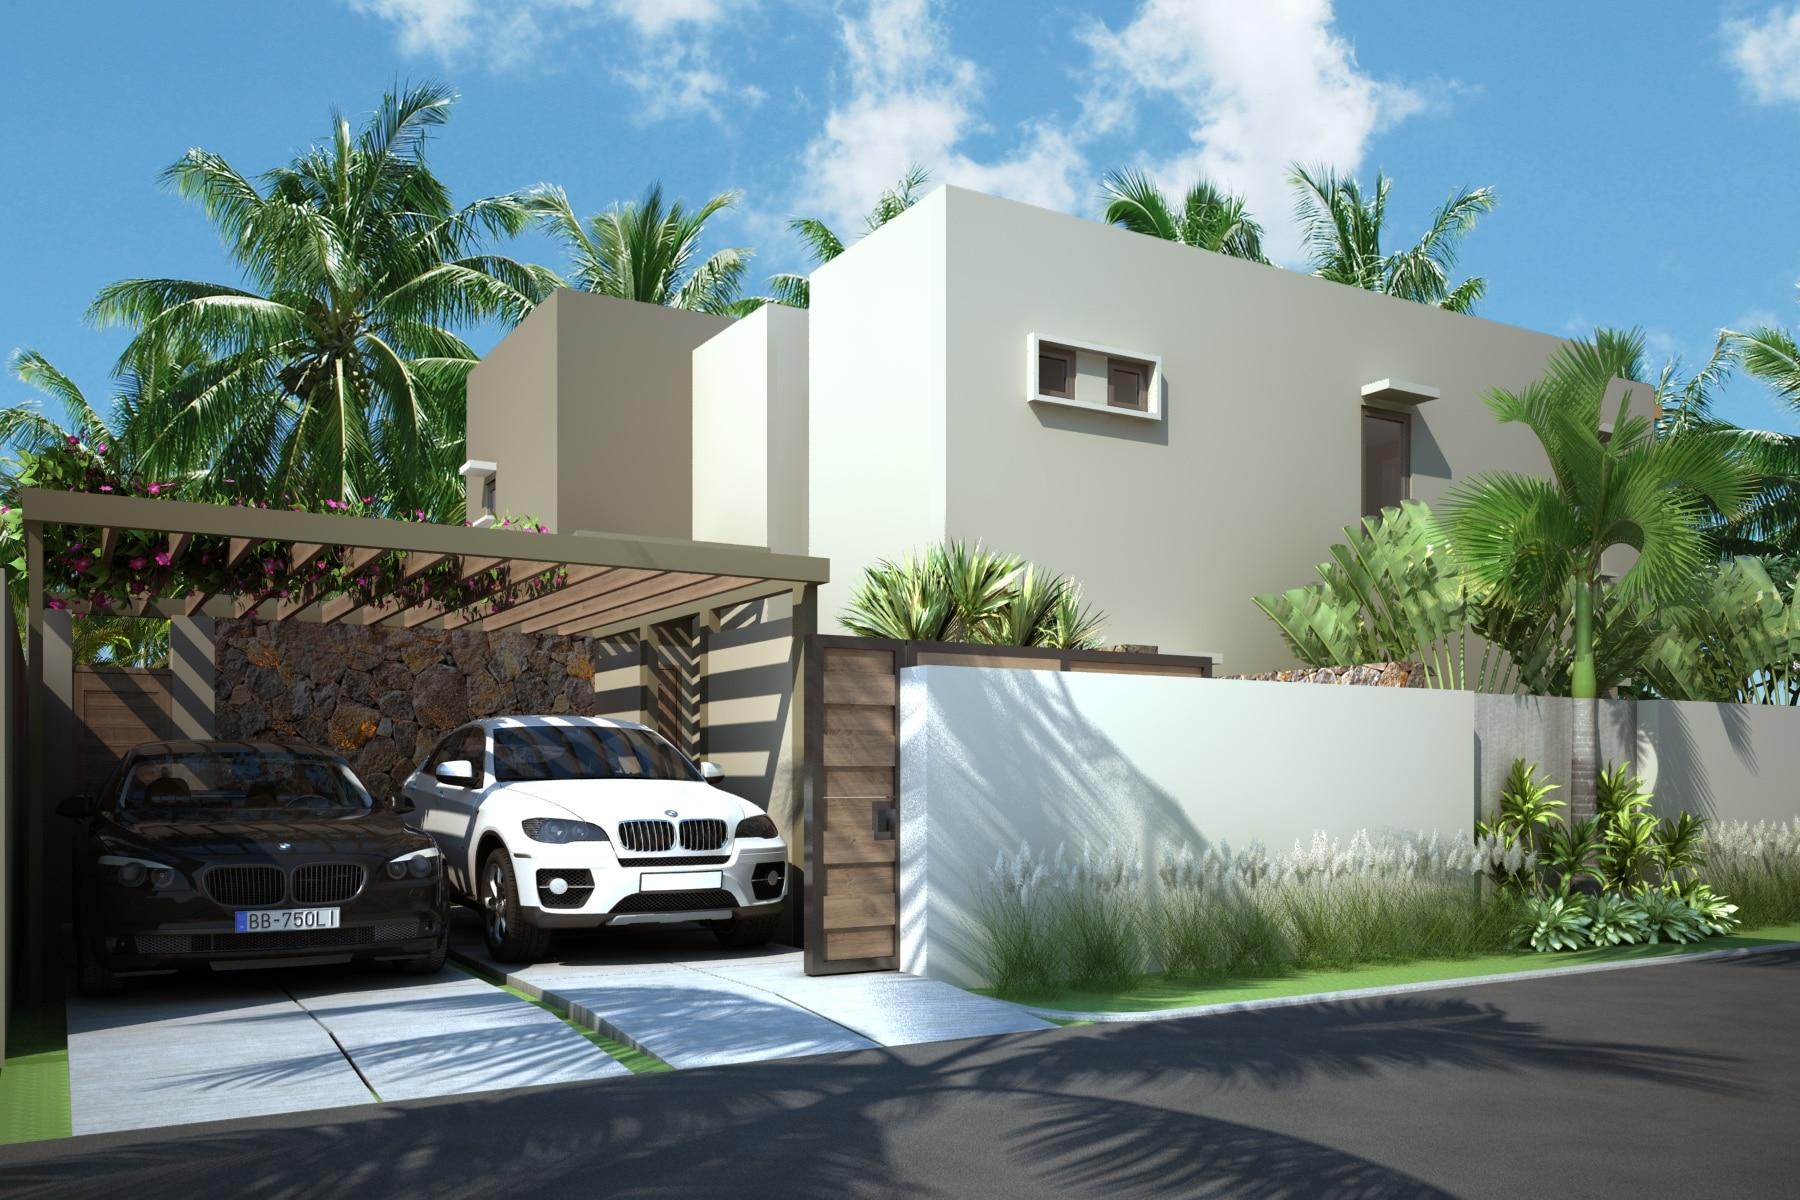 Achat duplex luxe en pleine propri t le ravinale for Achat maison luxe